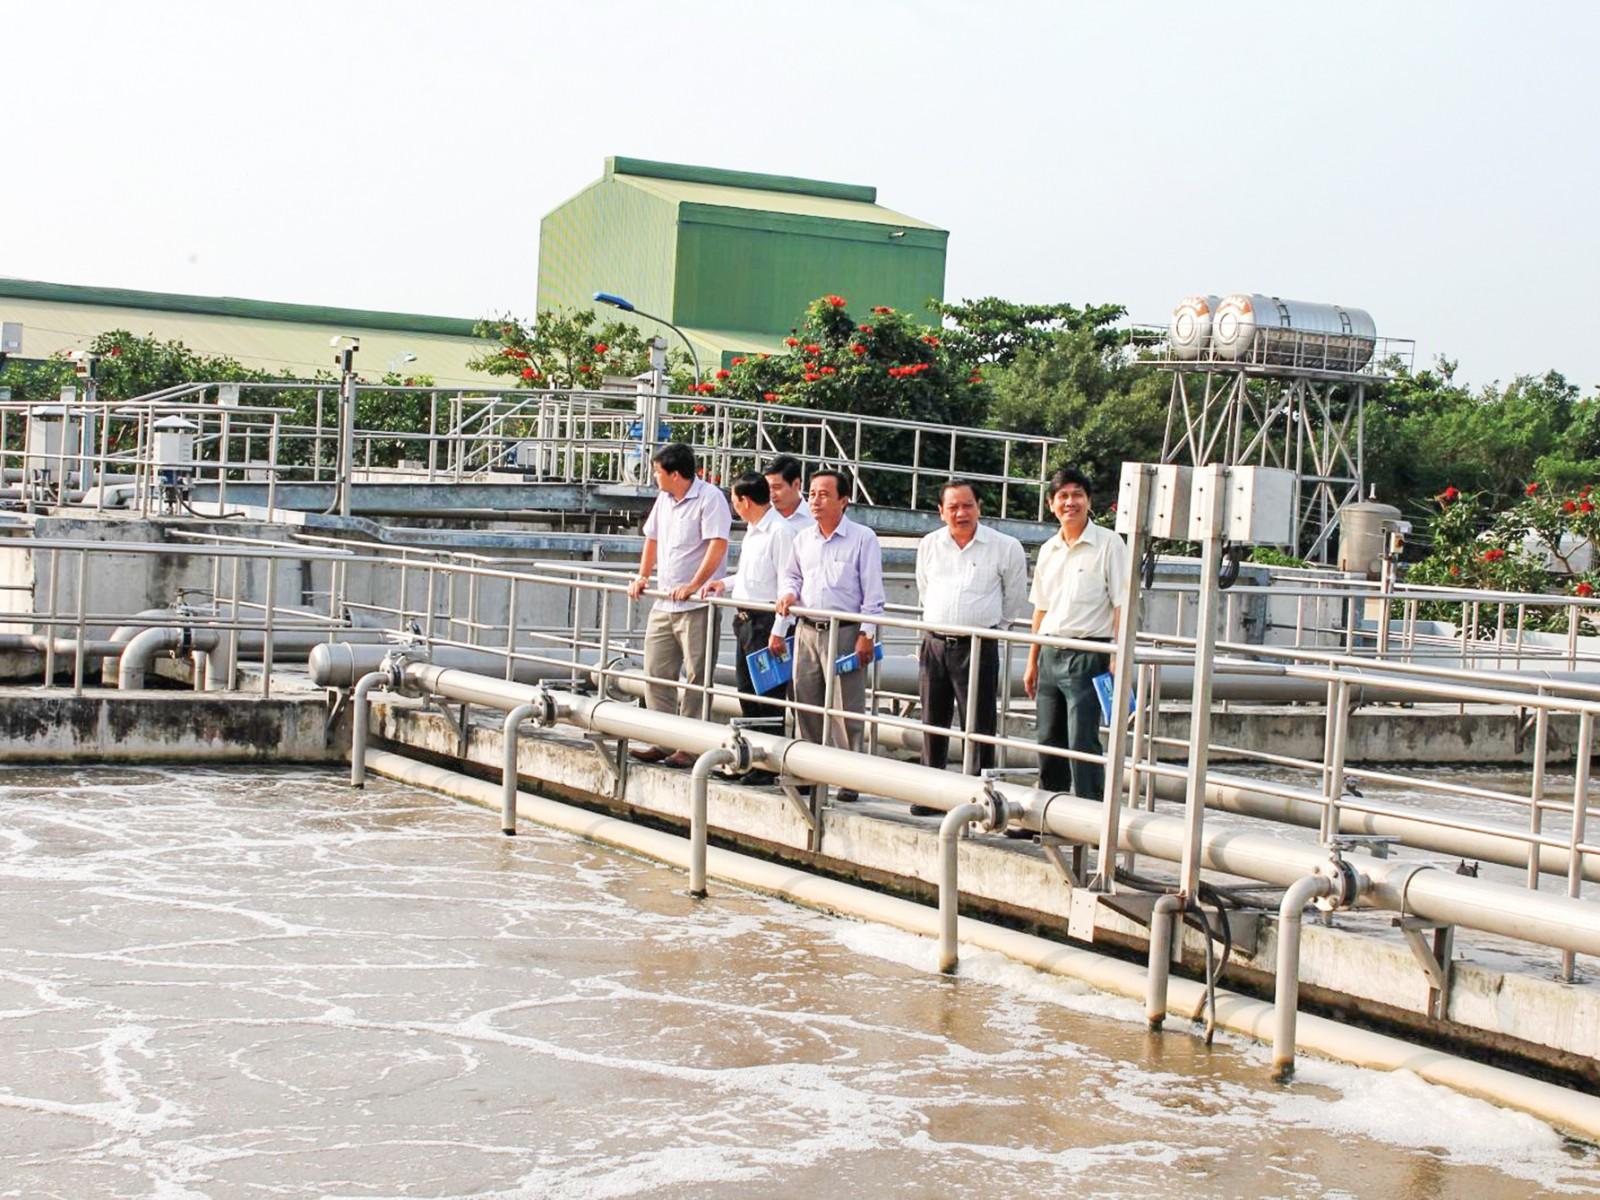 Hoạt động xử lý nước thải tại Nhà máy xử lý nước thải tập trung ở Khu Công nghiệp Thốt Nốt, quận Thốt Nốt, TP Cần Thơ.